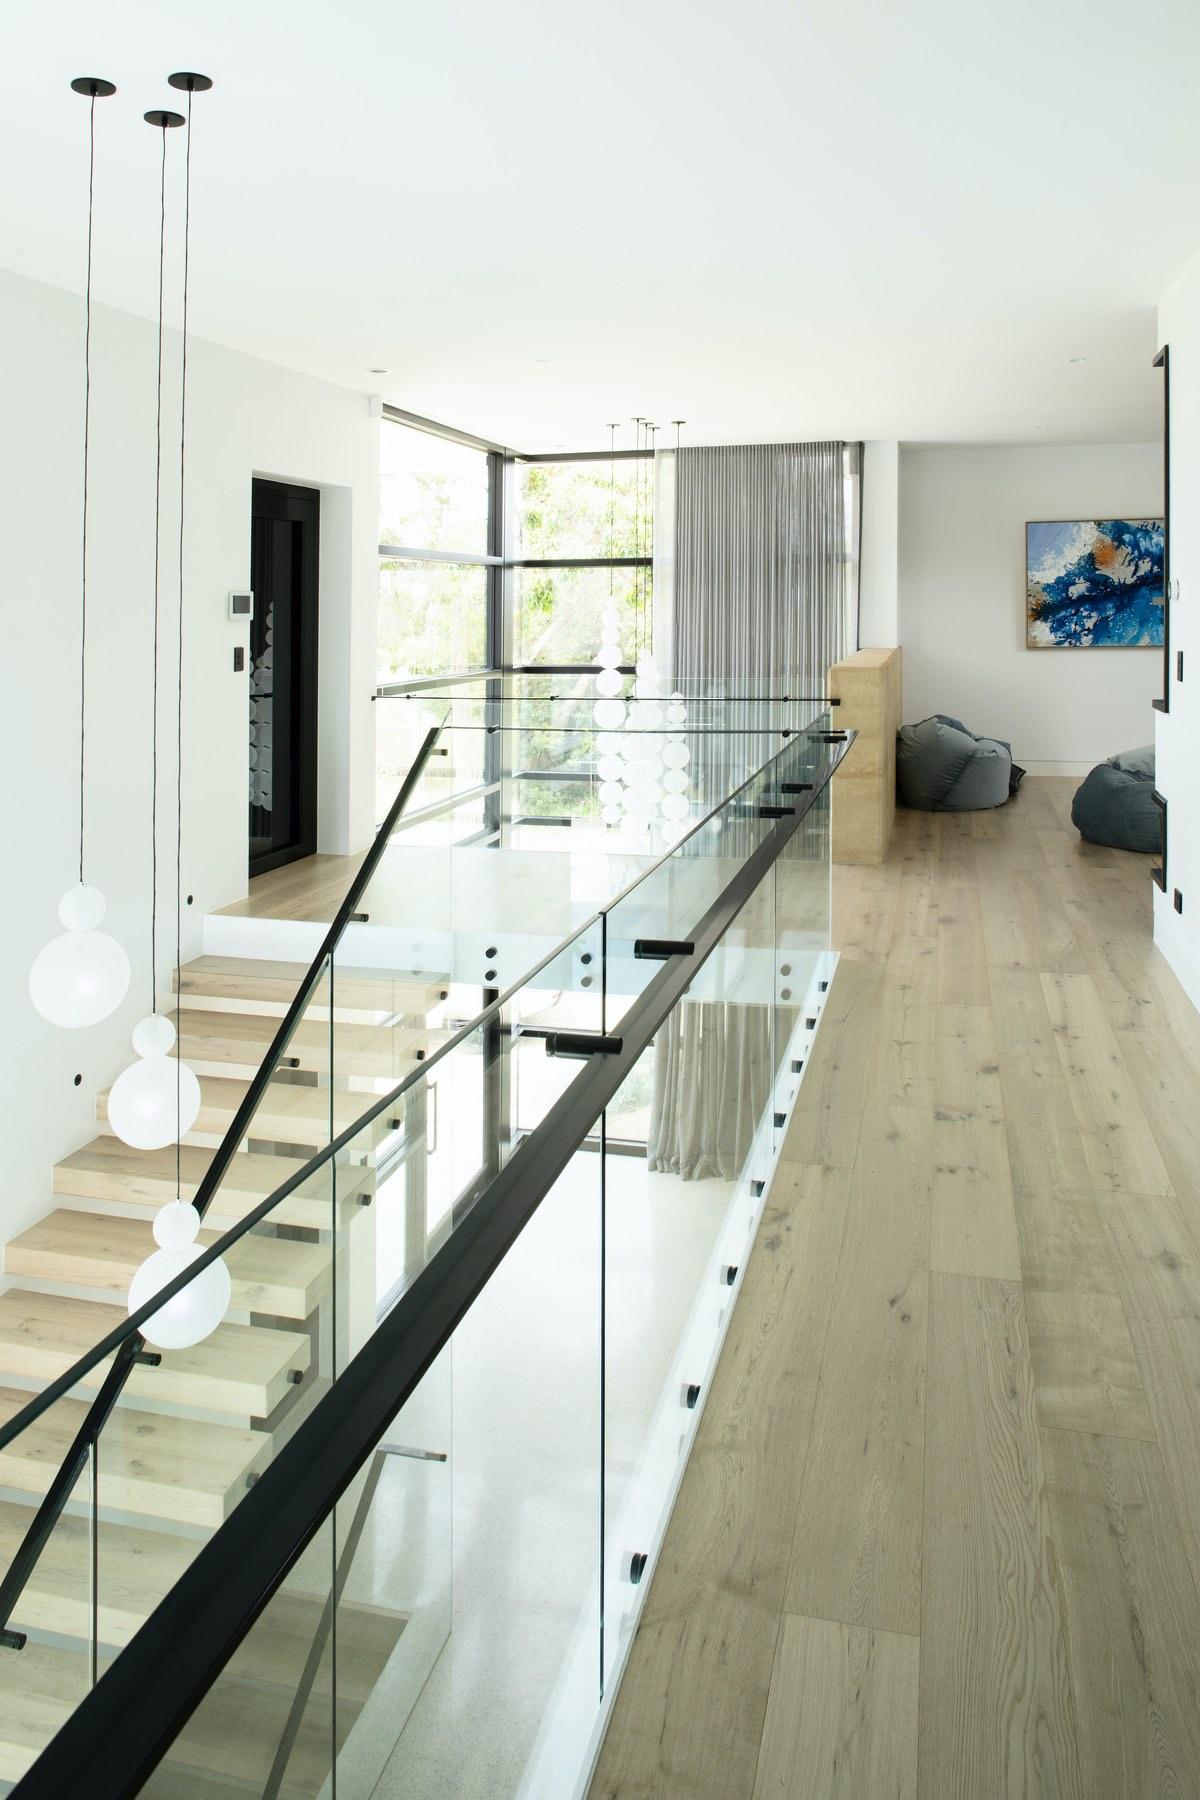 vertical glass windows